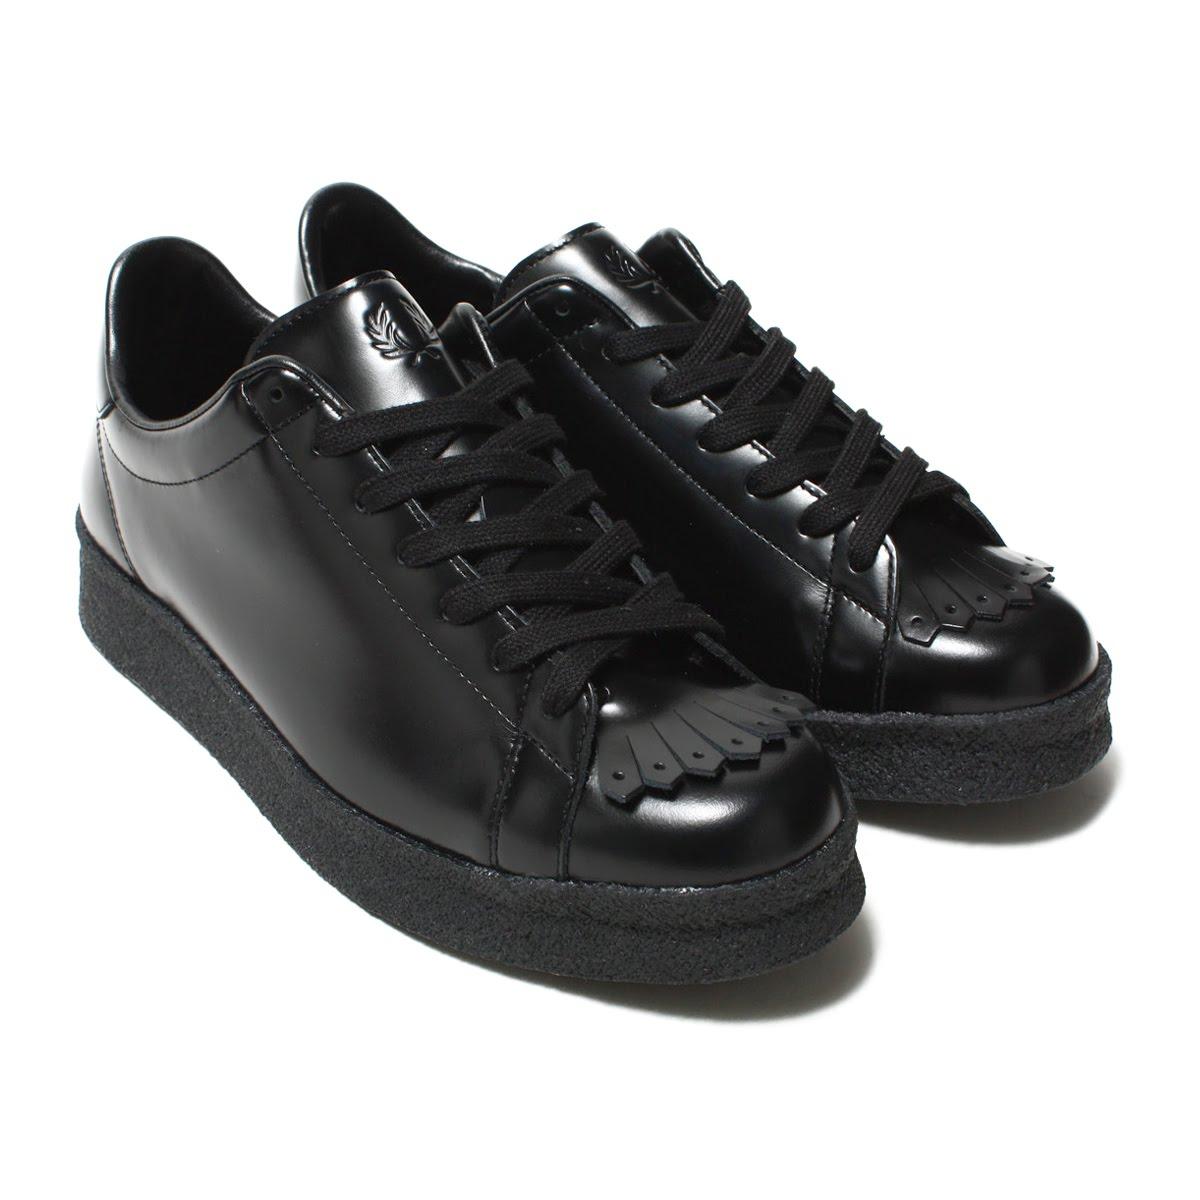 FRED PERRY Breaux Creeper Leather(フレッドペリー クリーパー レザー)BLACK【メンズ レディース スニーカー】18SP-I